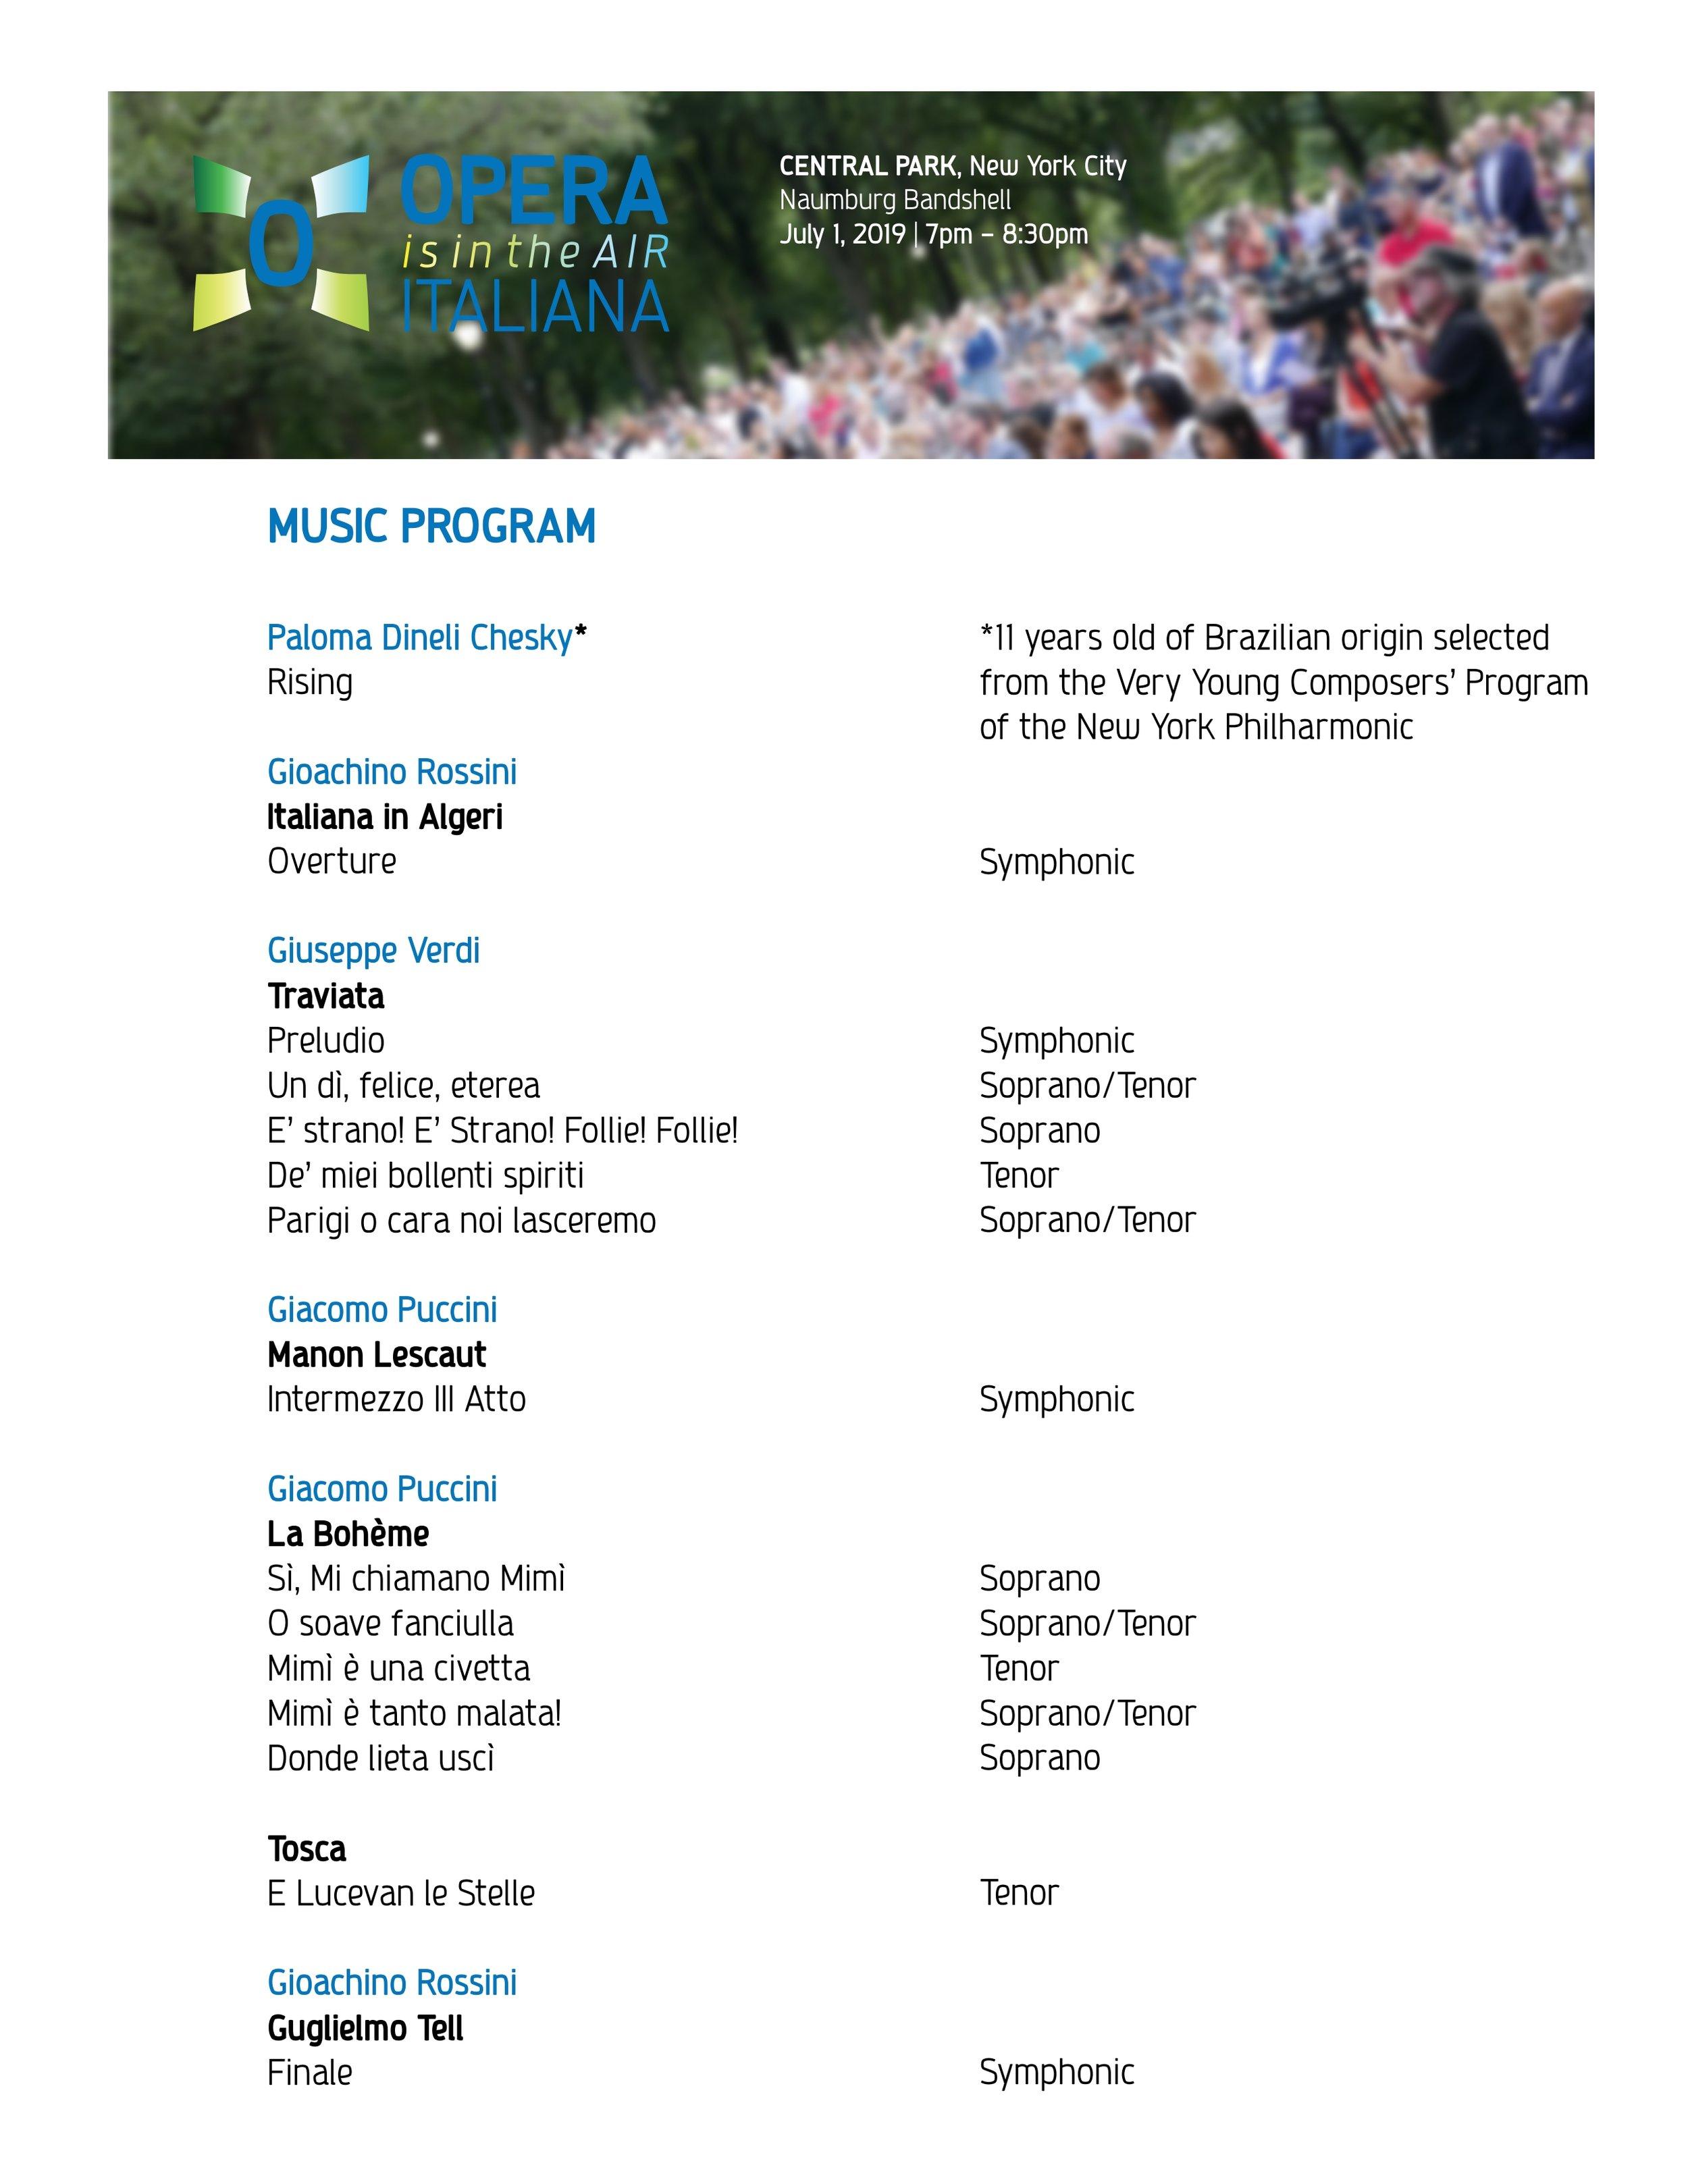 oi - music program.jpg